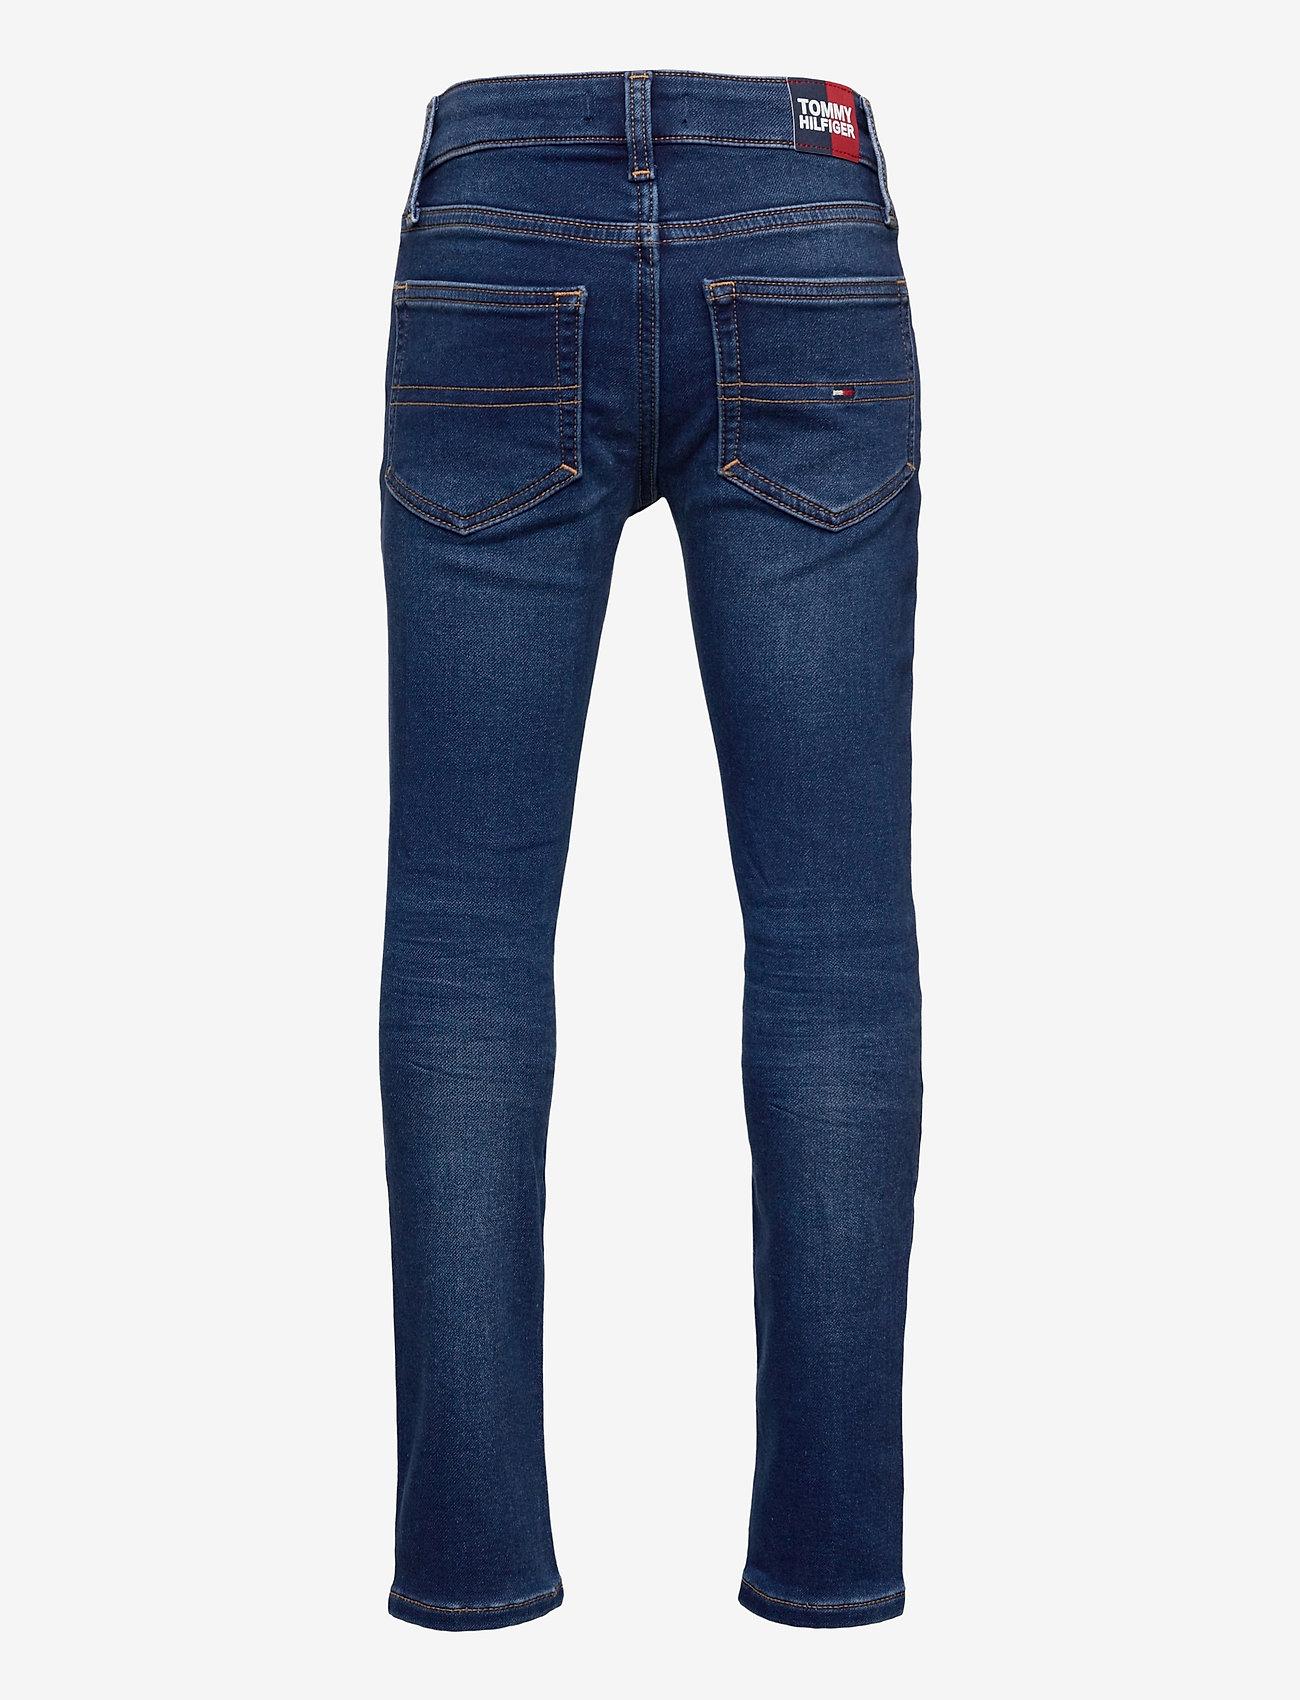 Tommy Hilfiger - SCANTON SLIM BRUSHED - BRUBLDNM - jeans - brushedbluedenim - 1